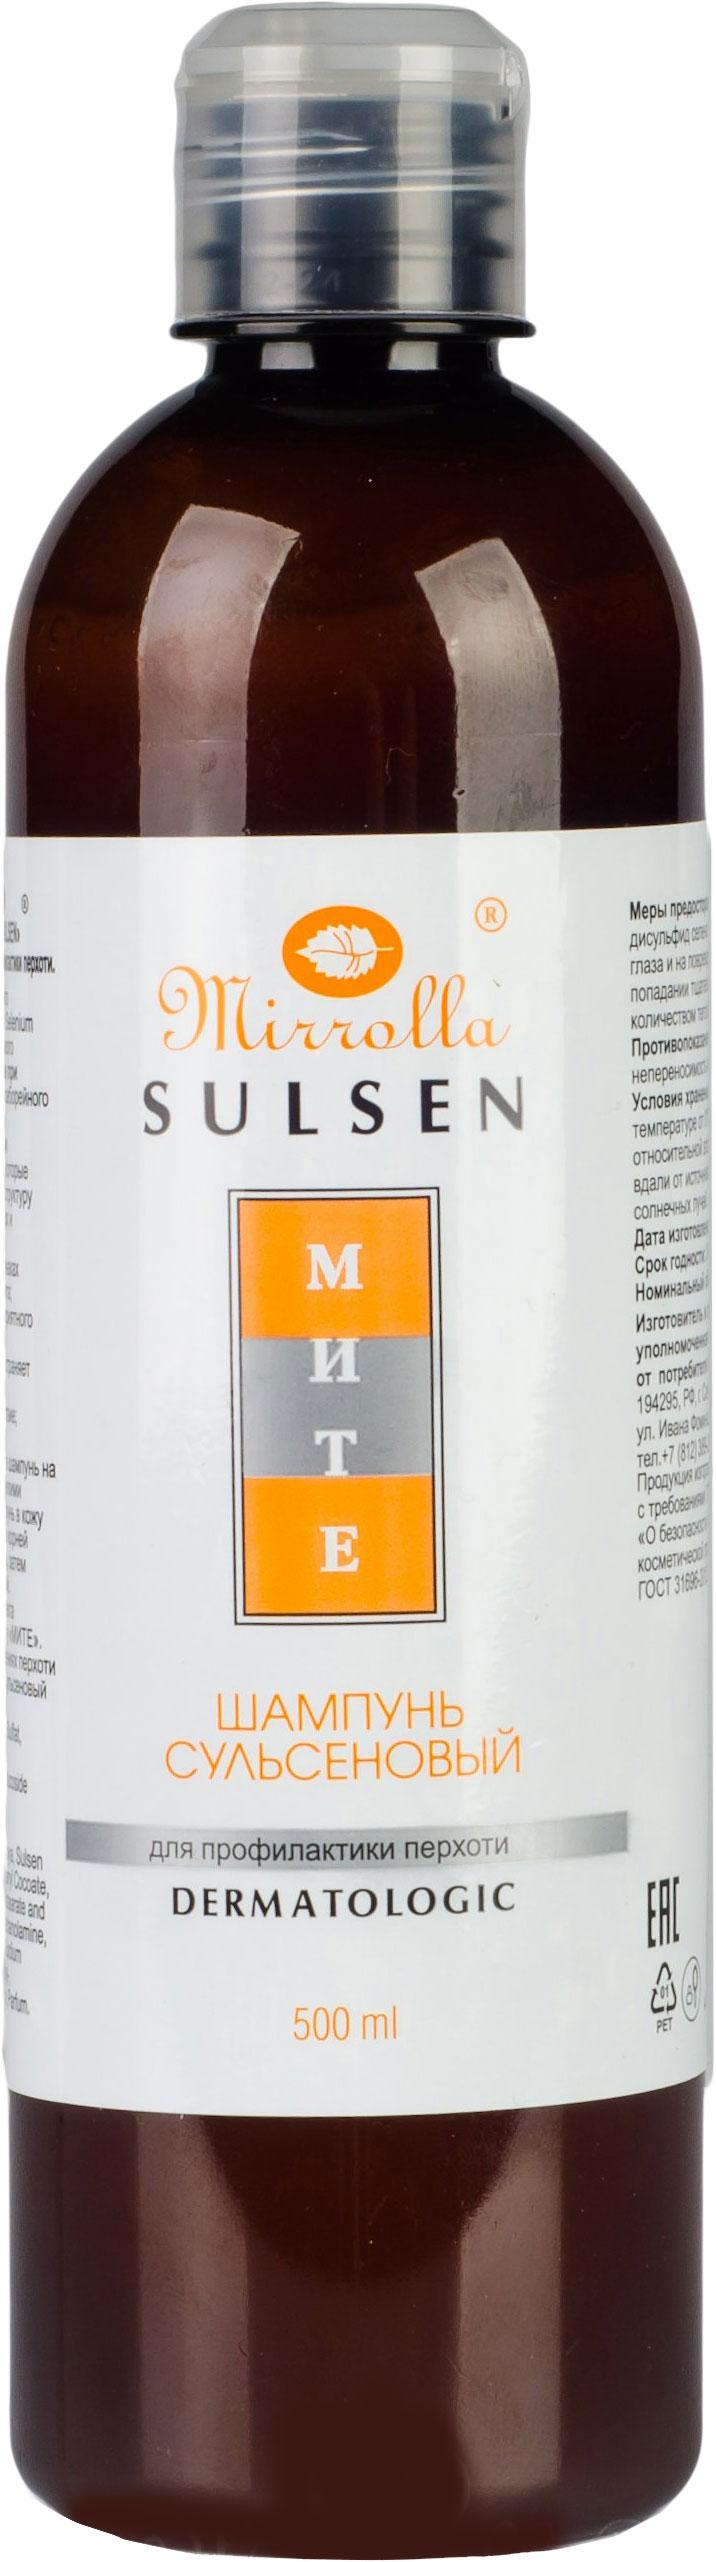 Мирролла Шампунь Сульсен Мите 1% 500 мл0527Сульсеновый шампунь МИТЕ для профилактики перхоти.Создан на основе традиционного противоперхотного компонента Selenium sulfide. Концентрация сульсенового шампуня МИТЕ эффективна при первых прихнаках перхоти. Шампунь обогащен кондиционирующими добавками и растительными экстрактами, которые укрепляют и восстанавливают структуру волос, а также придает им блеск и здоровый вид.- Эффективен при первых признаках перхоти и себорейного дерматита; - Способствует устранению неприятного зуда; - Нормализует микрофлору и устраняет шелушение кожи головы; - Оказывает фунгицидное действие;- Стимулирует рост волос.